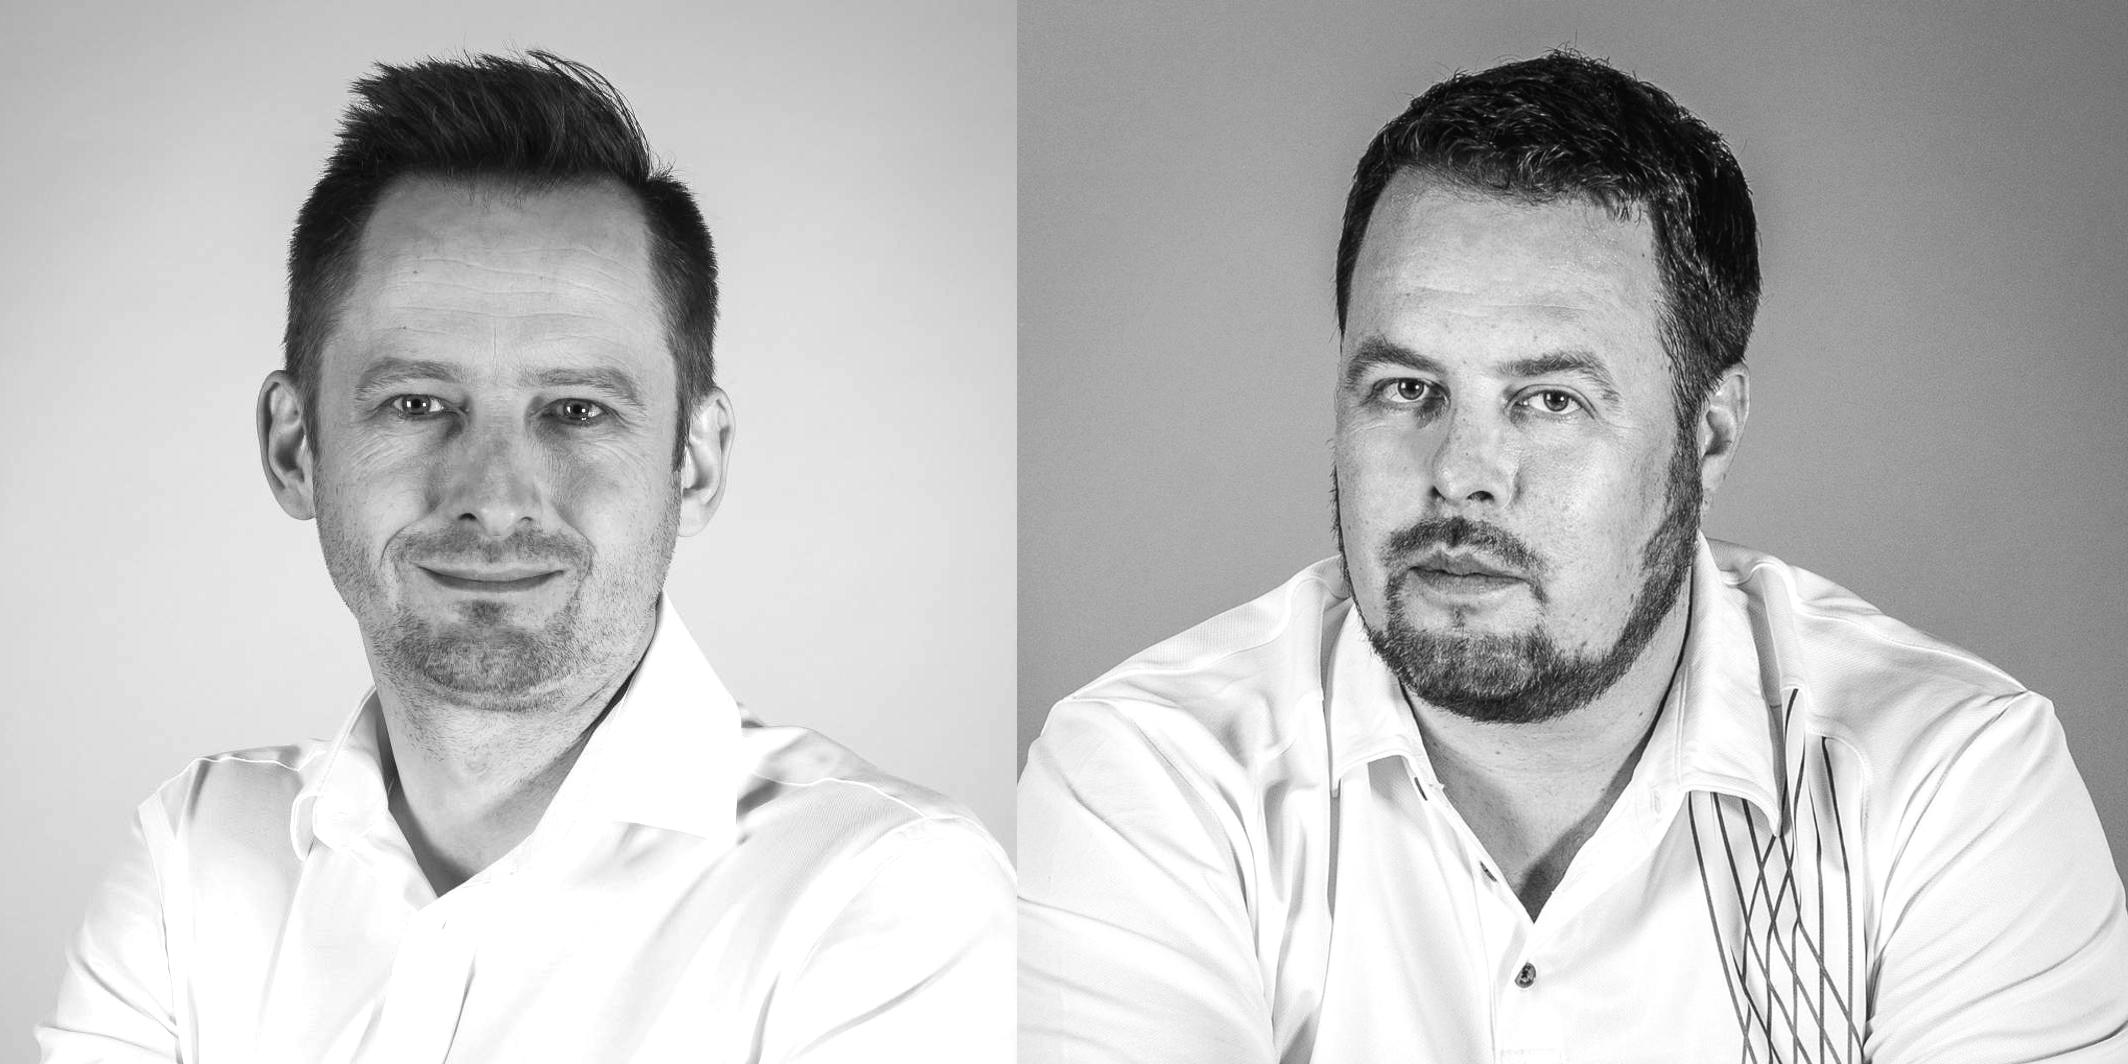 Za agenturní skupinou Magnas stojí Martin Šafra (vlevo) a Robert Renč